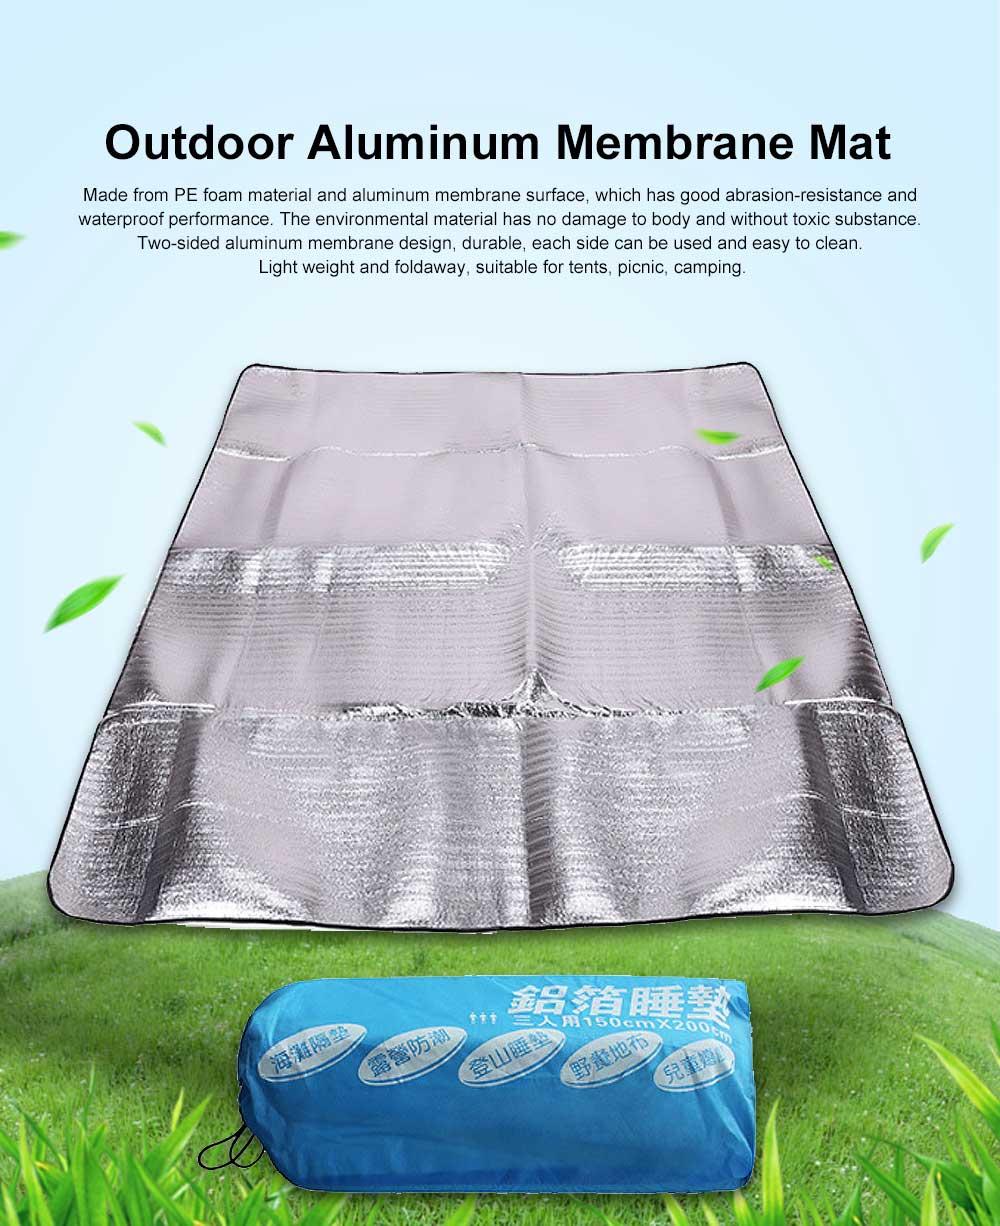 Outdoor Waterproof Aluminum Membrane Mat, Thickening Camping Tent Mat Beach Mat 200*150cm 0